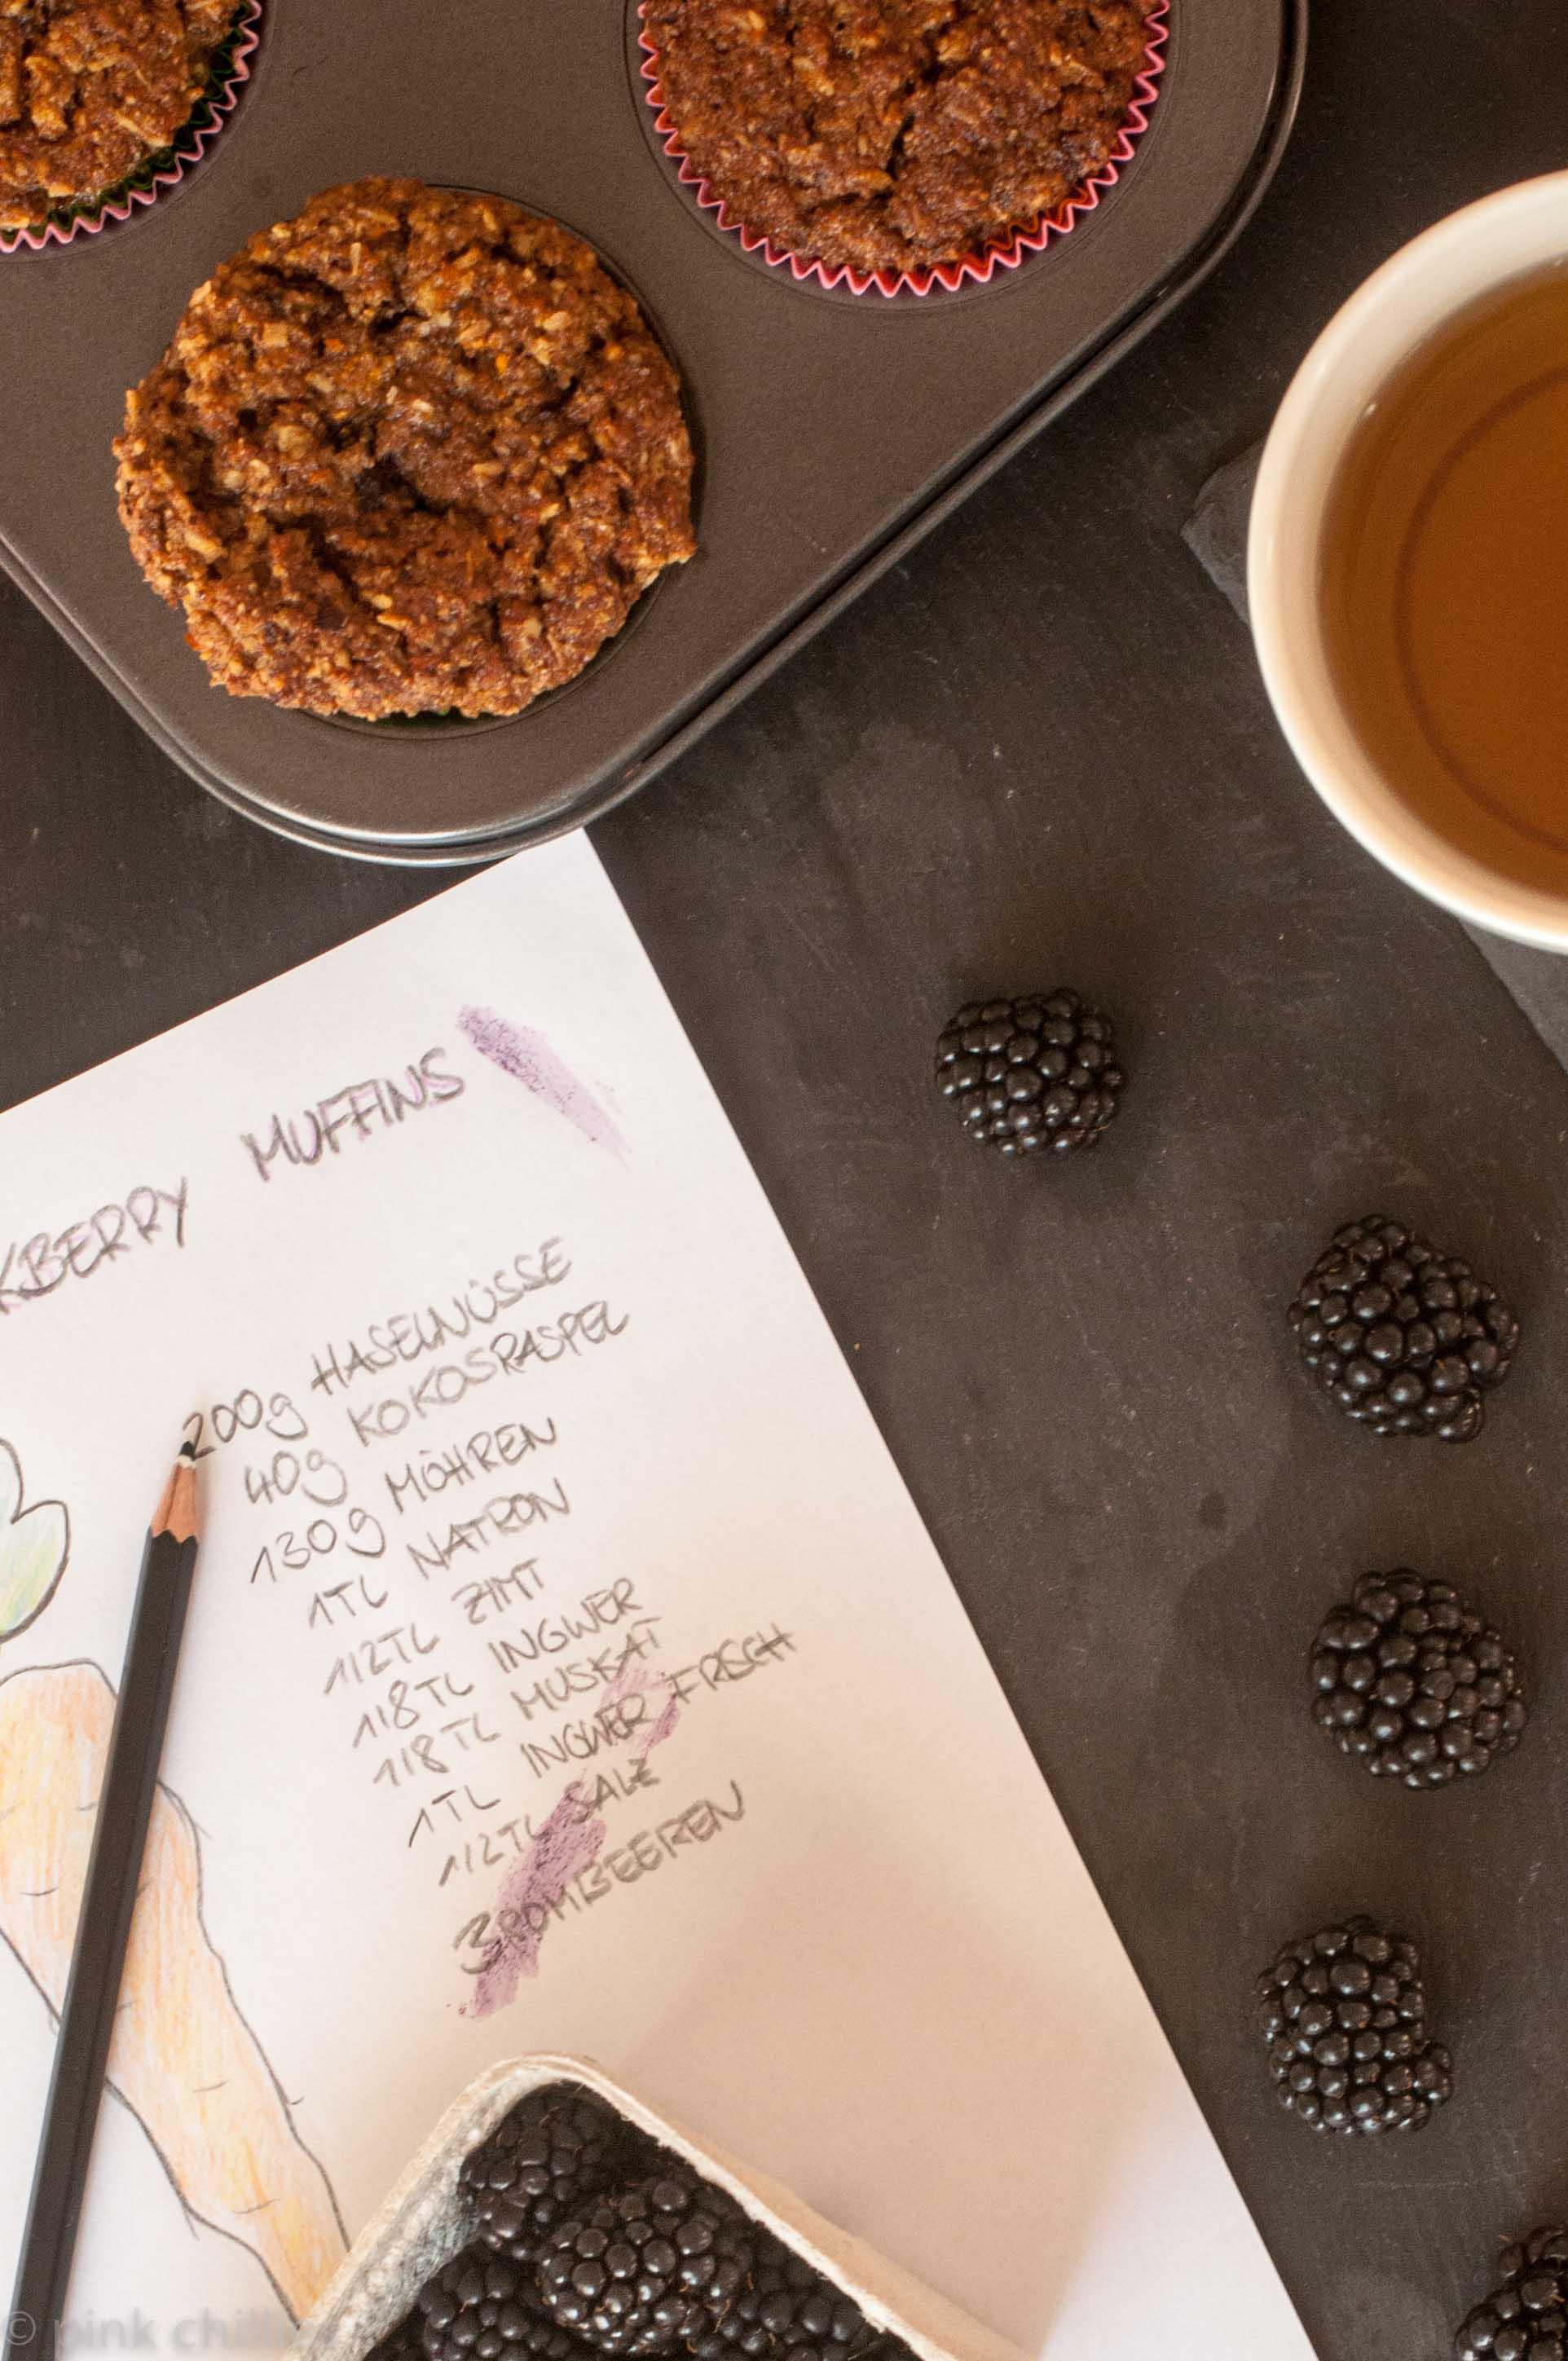 glutenfreie Karotten Kokosnuss Brombeer Muffins